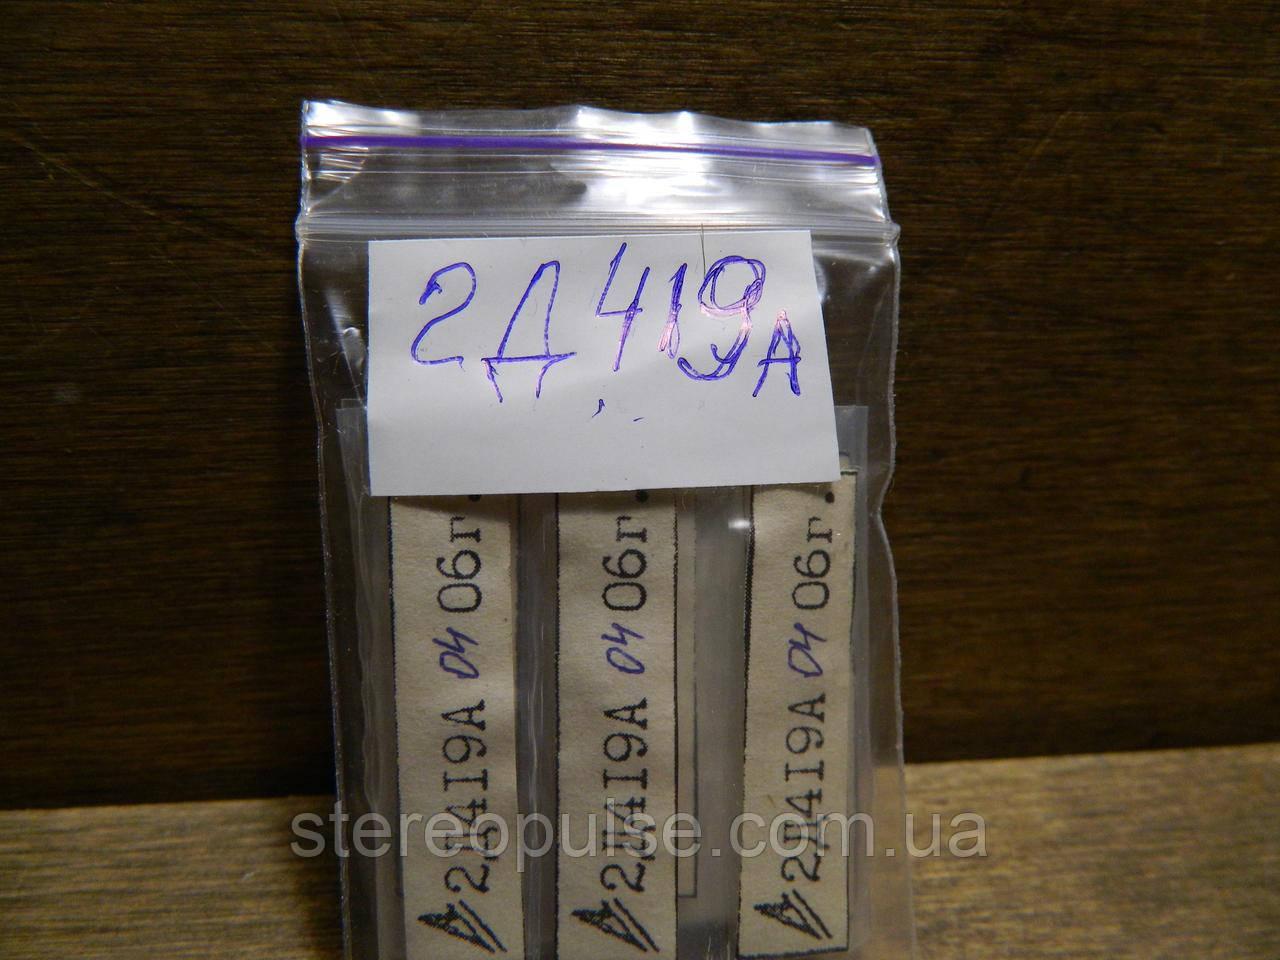 Діод 2Д419А